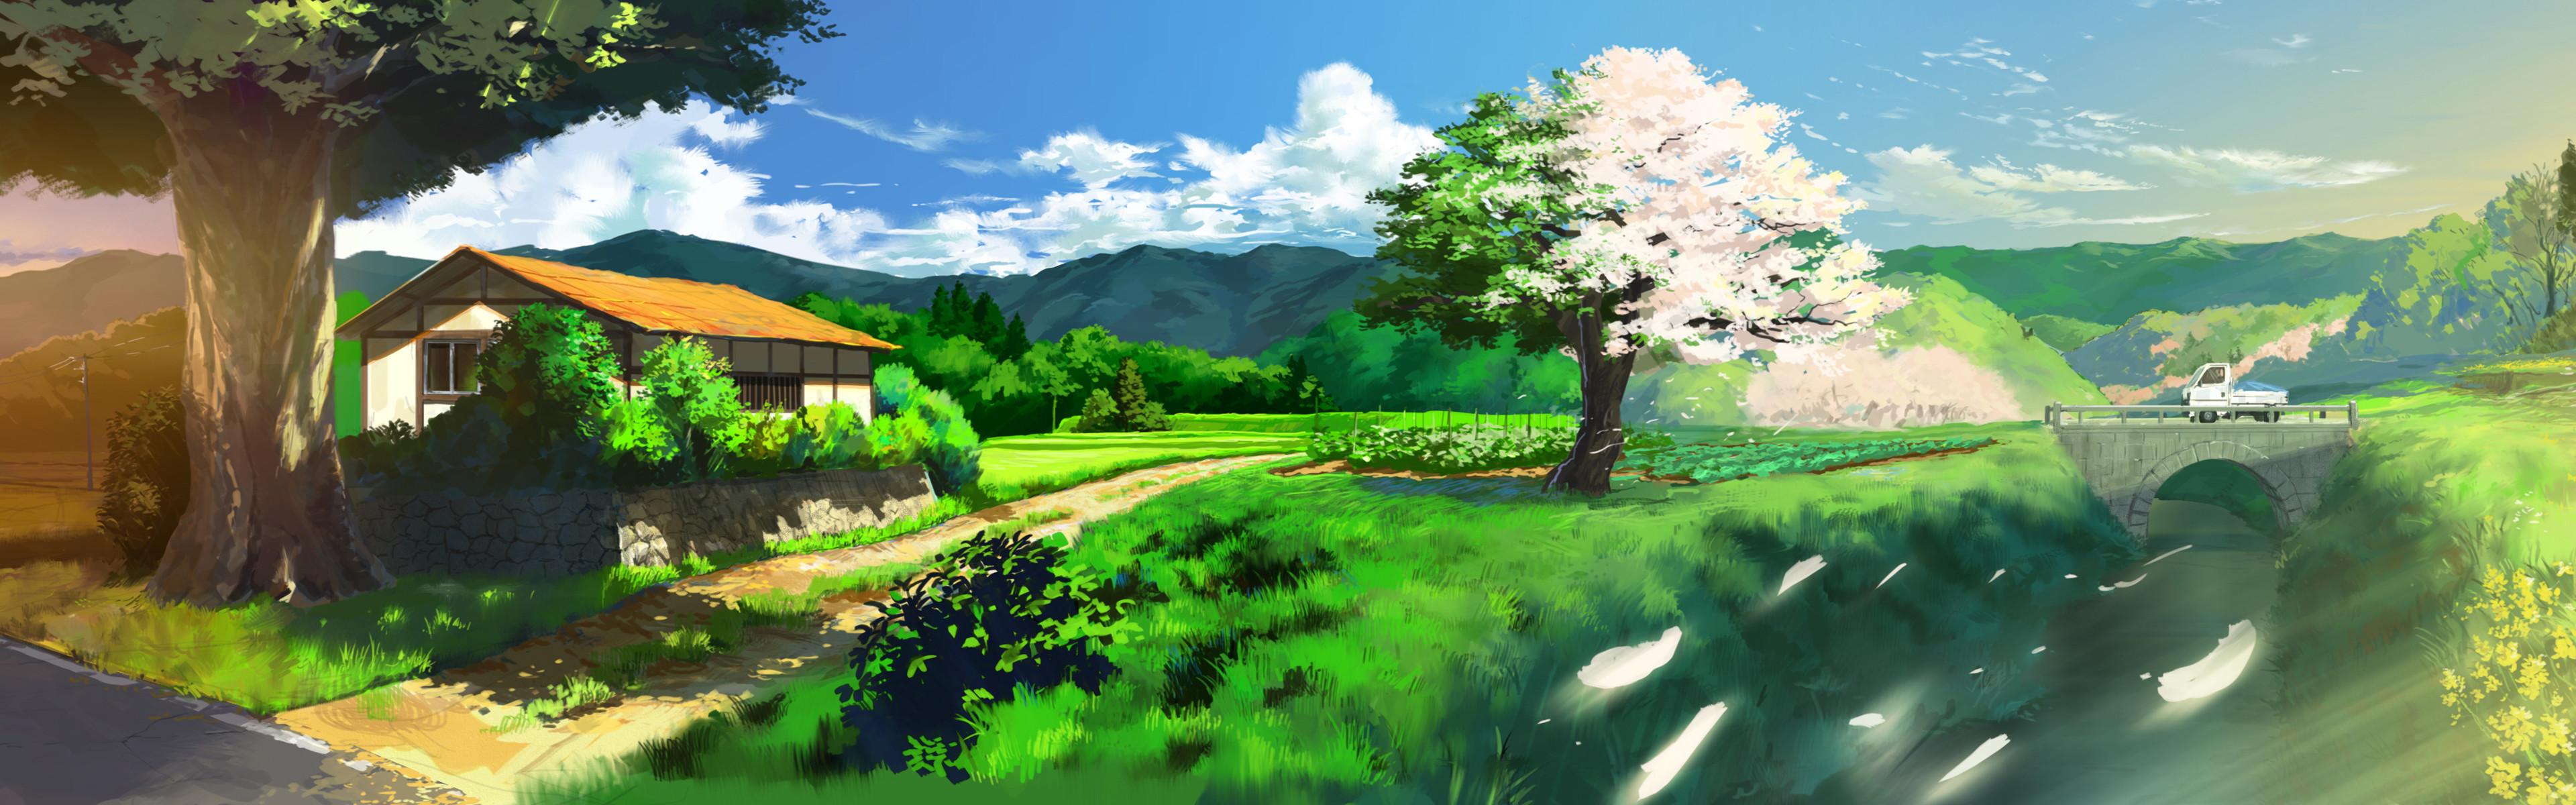 Wallpaper 3440x1440 Girl Miyazaki Wallpapers 69 Images